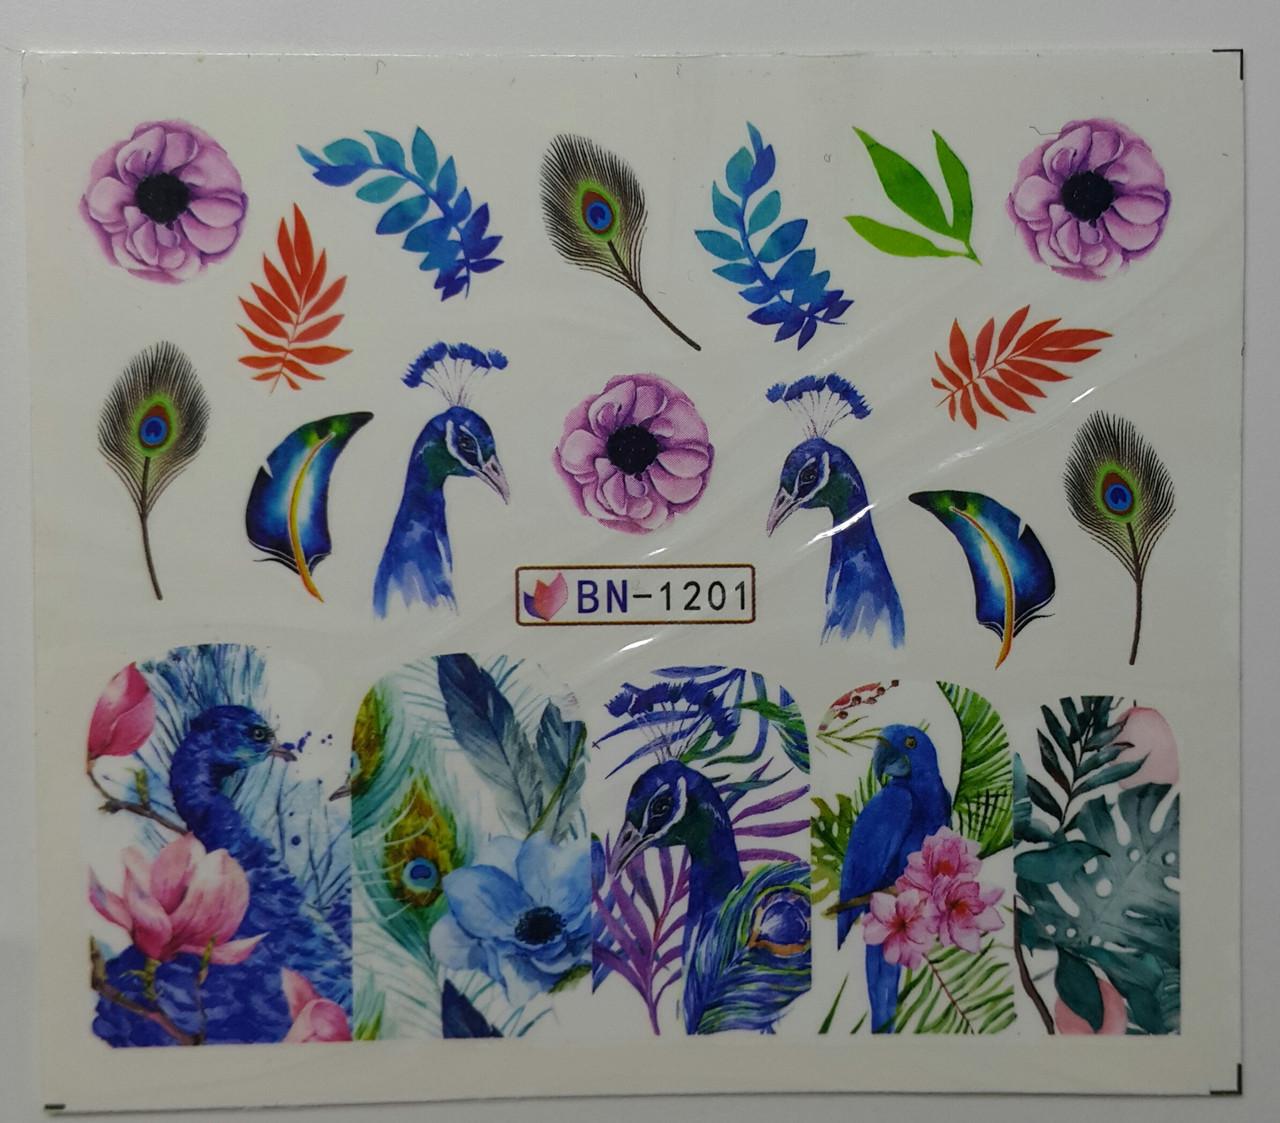 Наклейка для ногтей BN-1201